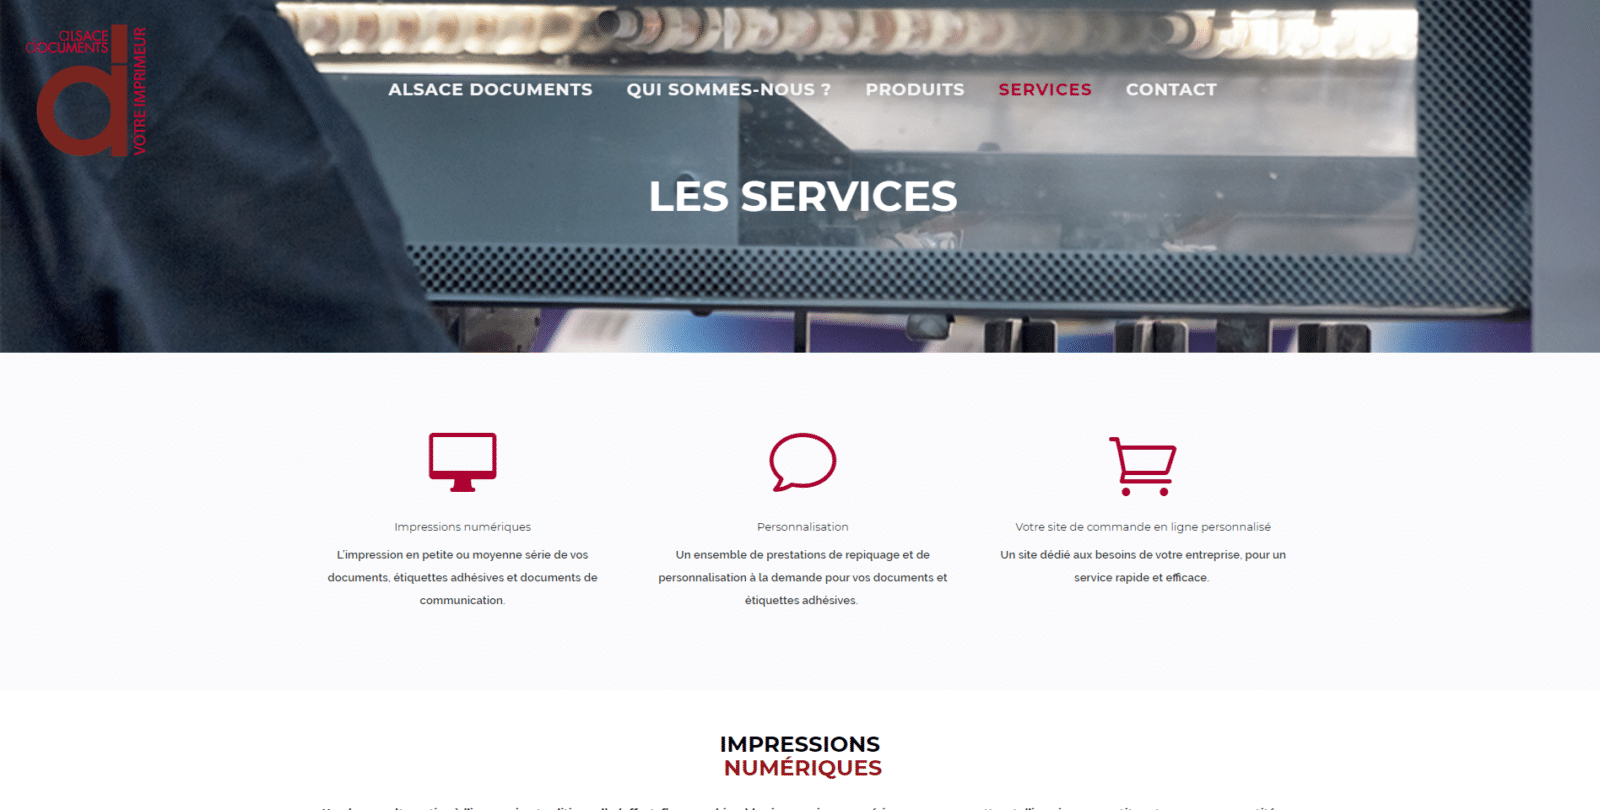 alsace documents est une cliente de l'agence web Karedess, agence web situé à Mulhouse